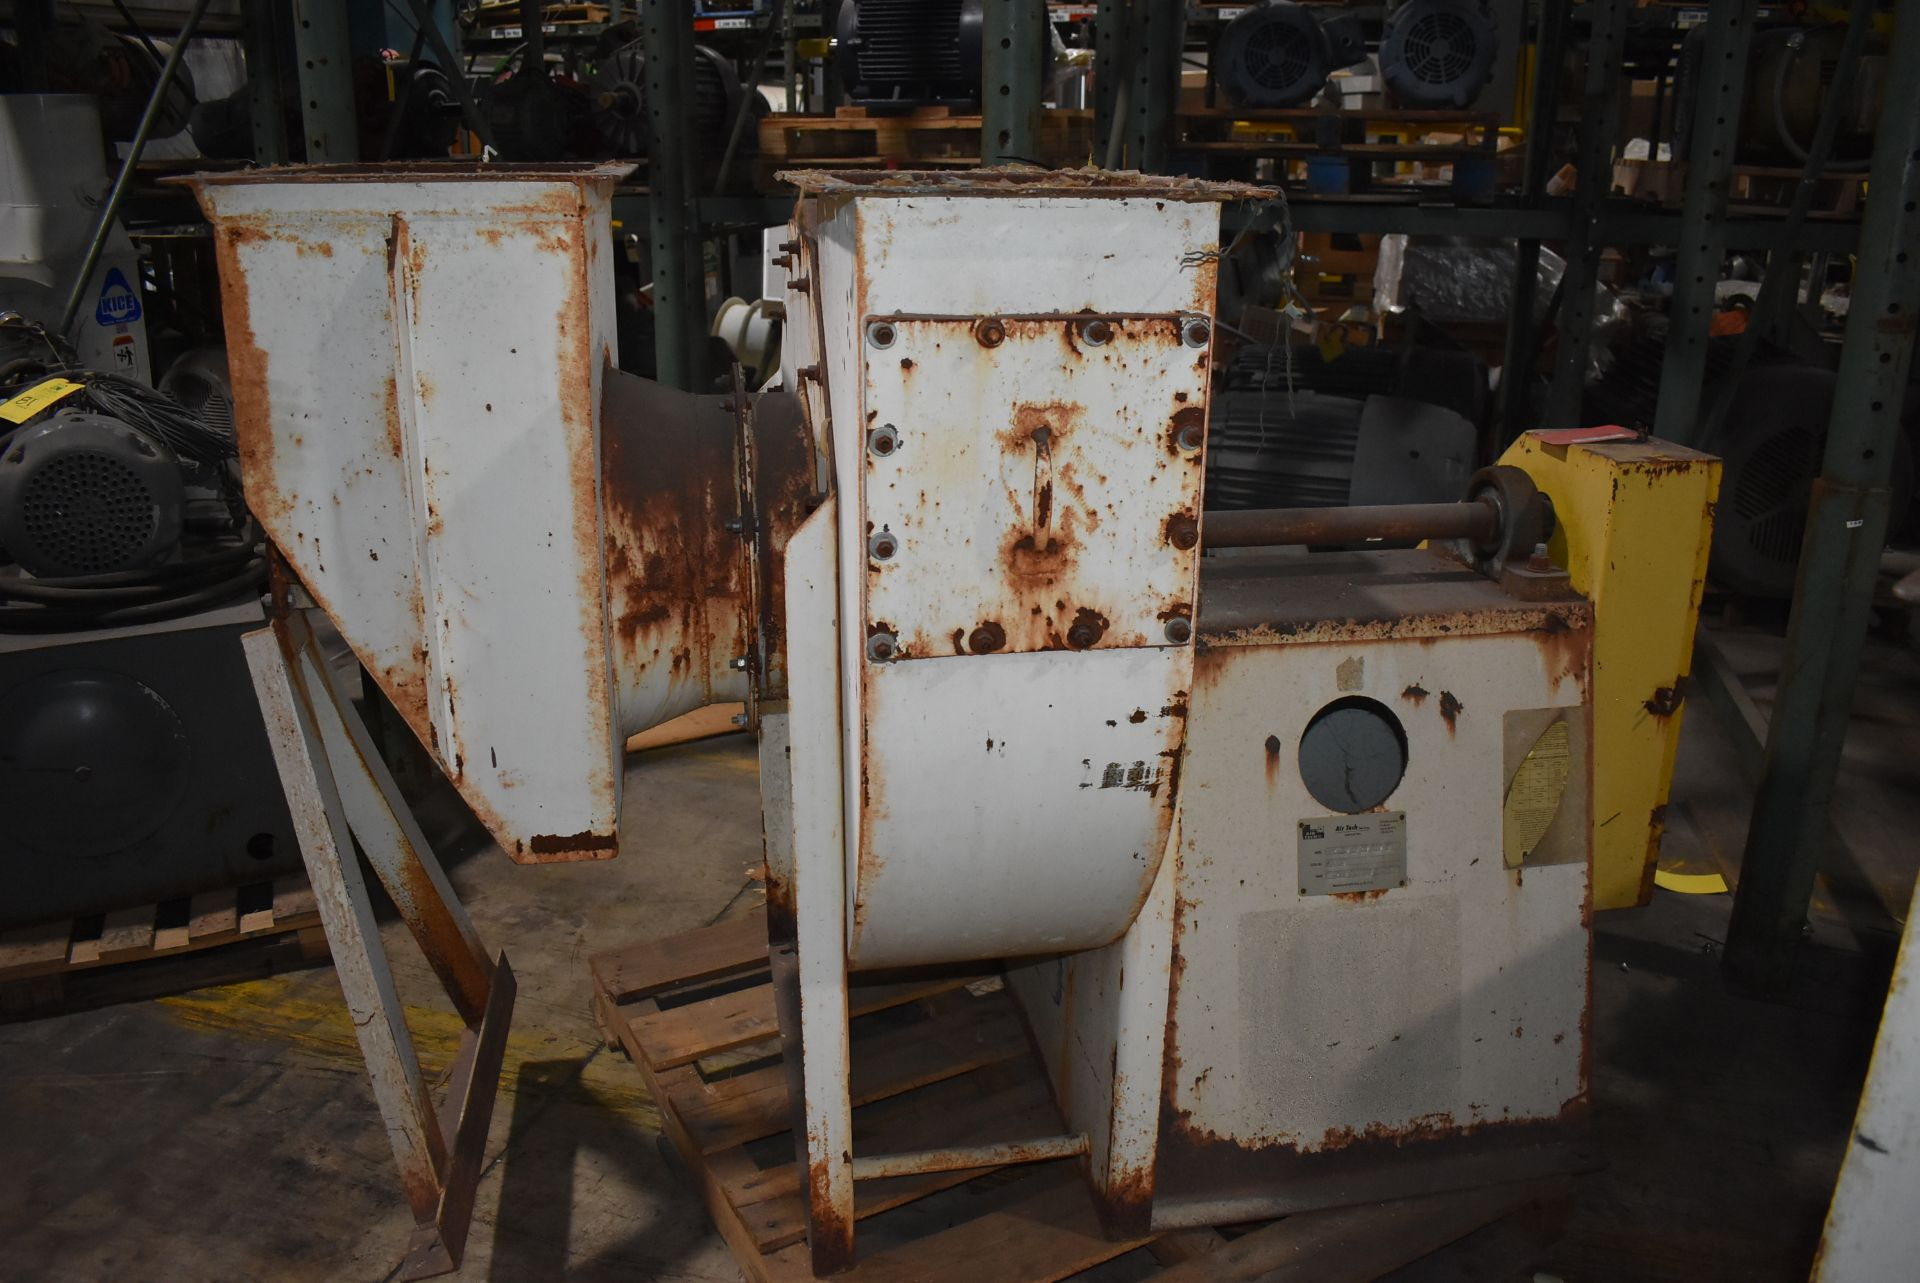 Air Tech Model #261-IRO Blower w/20 HP Motor - Image 4 of 4